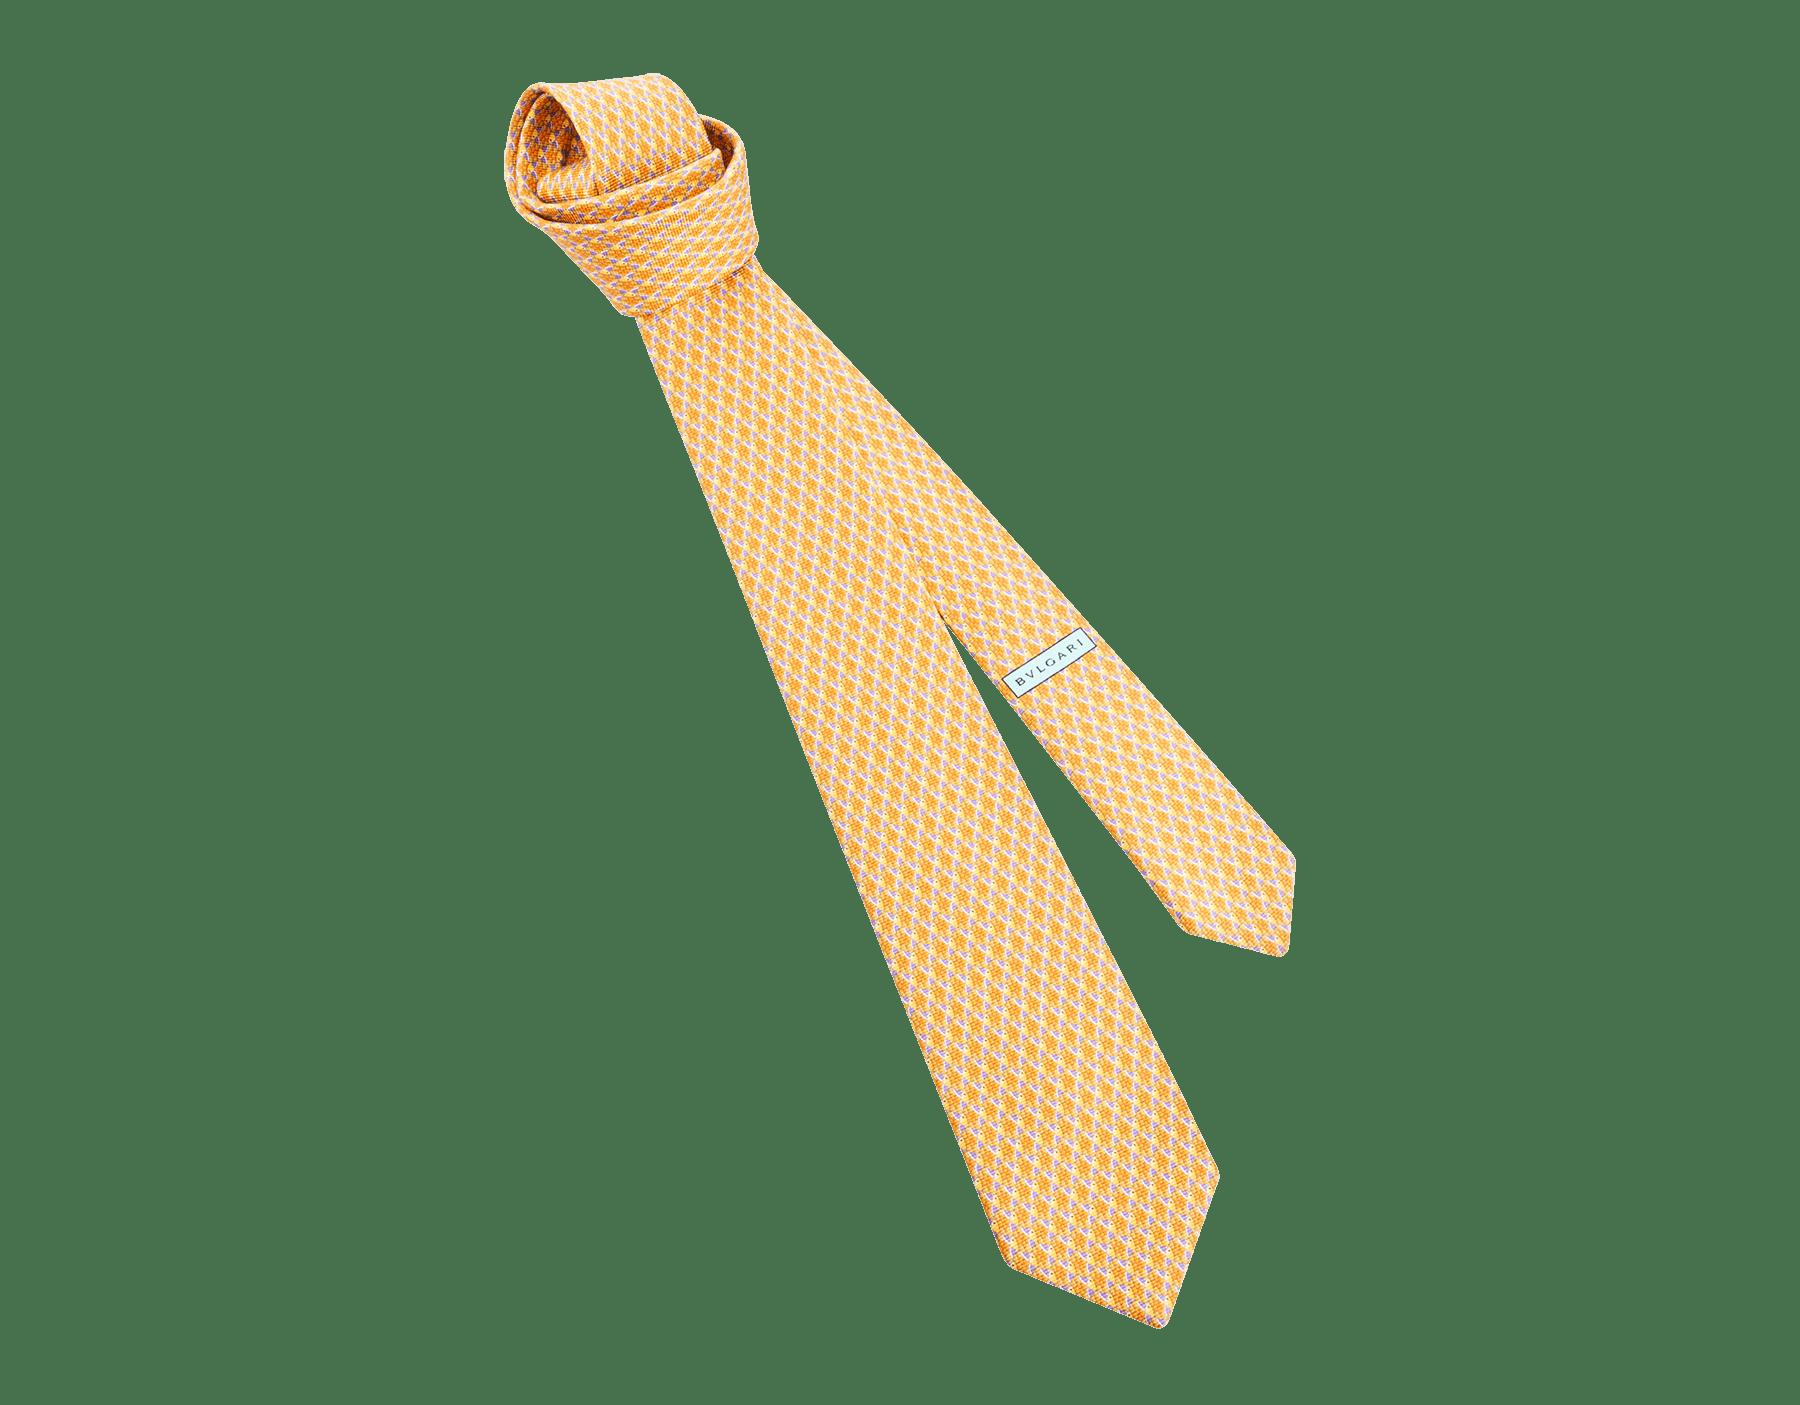 Cravatta sette pieghe color mandarino con motivo Fish Divine in pregiata seta saglione stampata. 244152 image 1